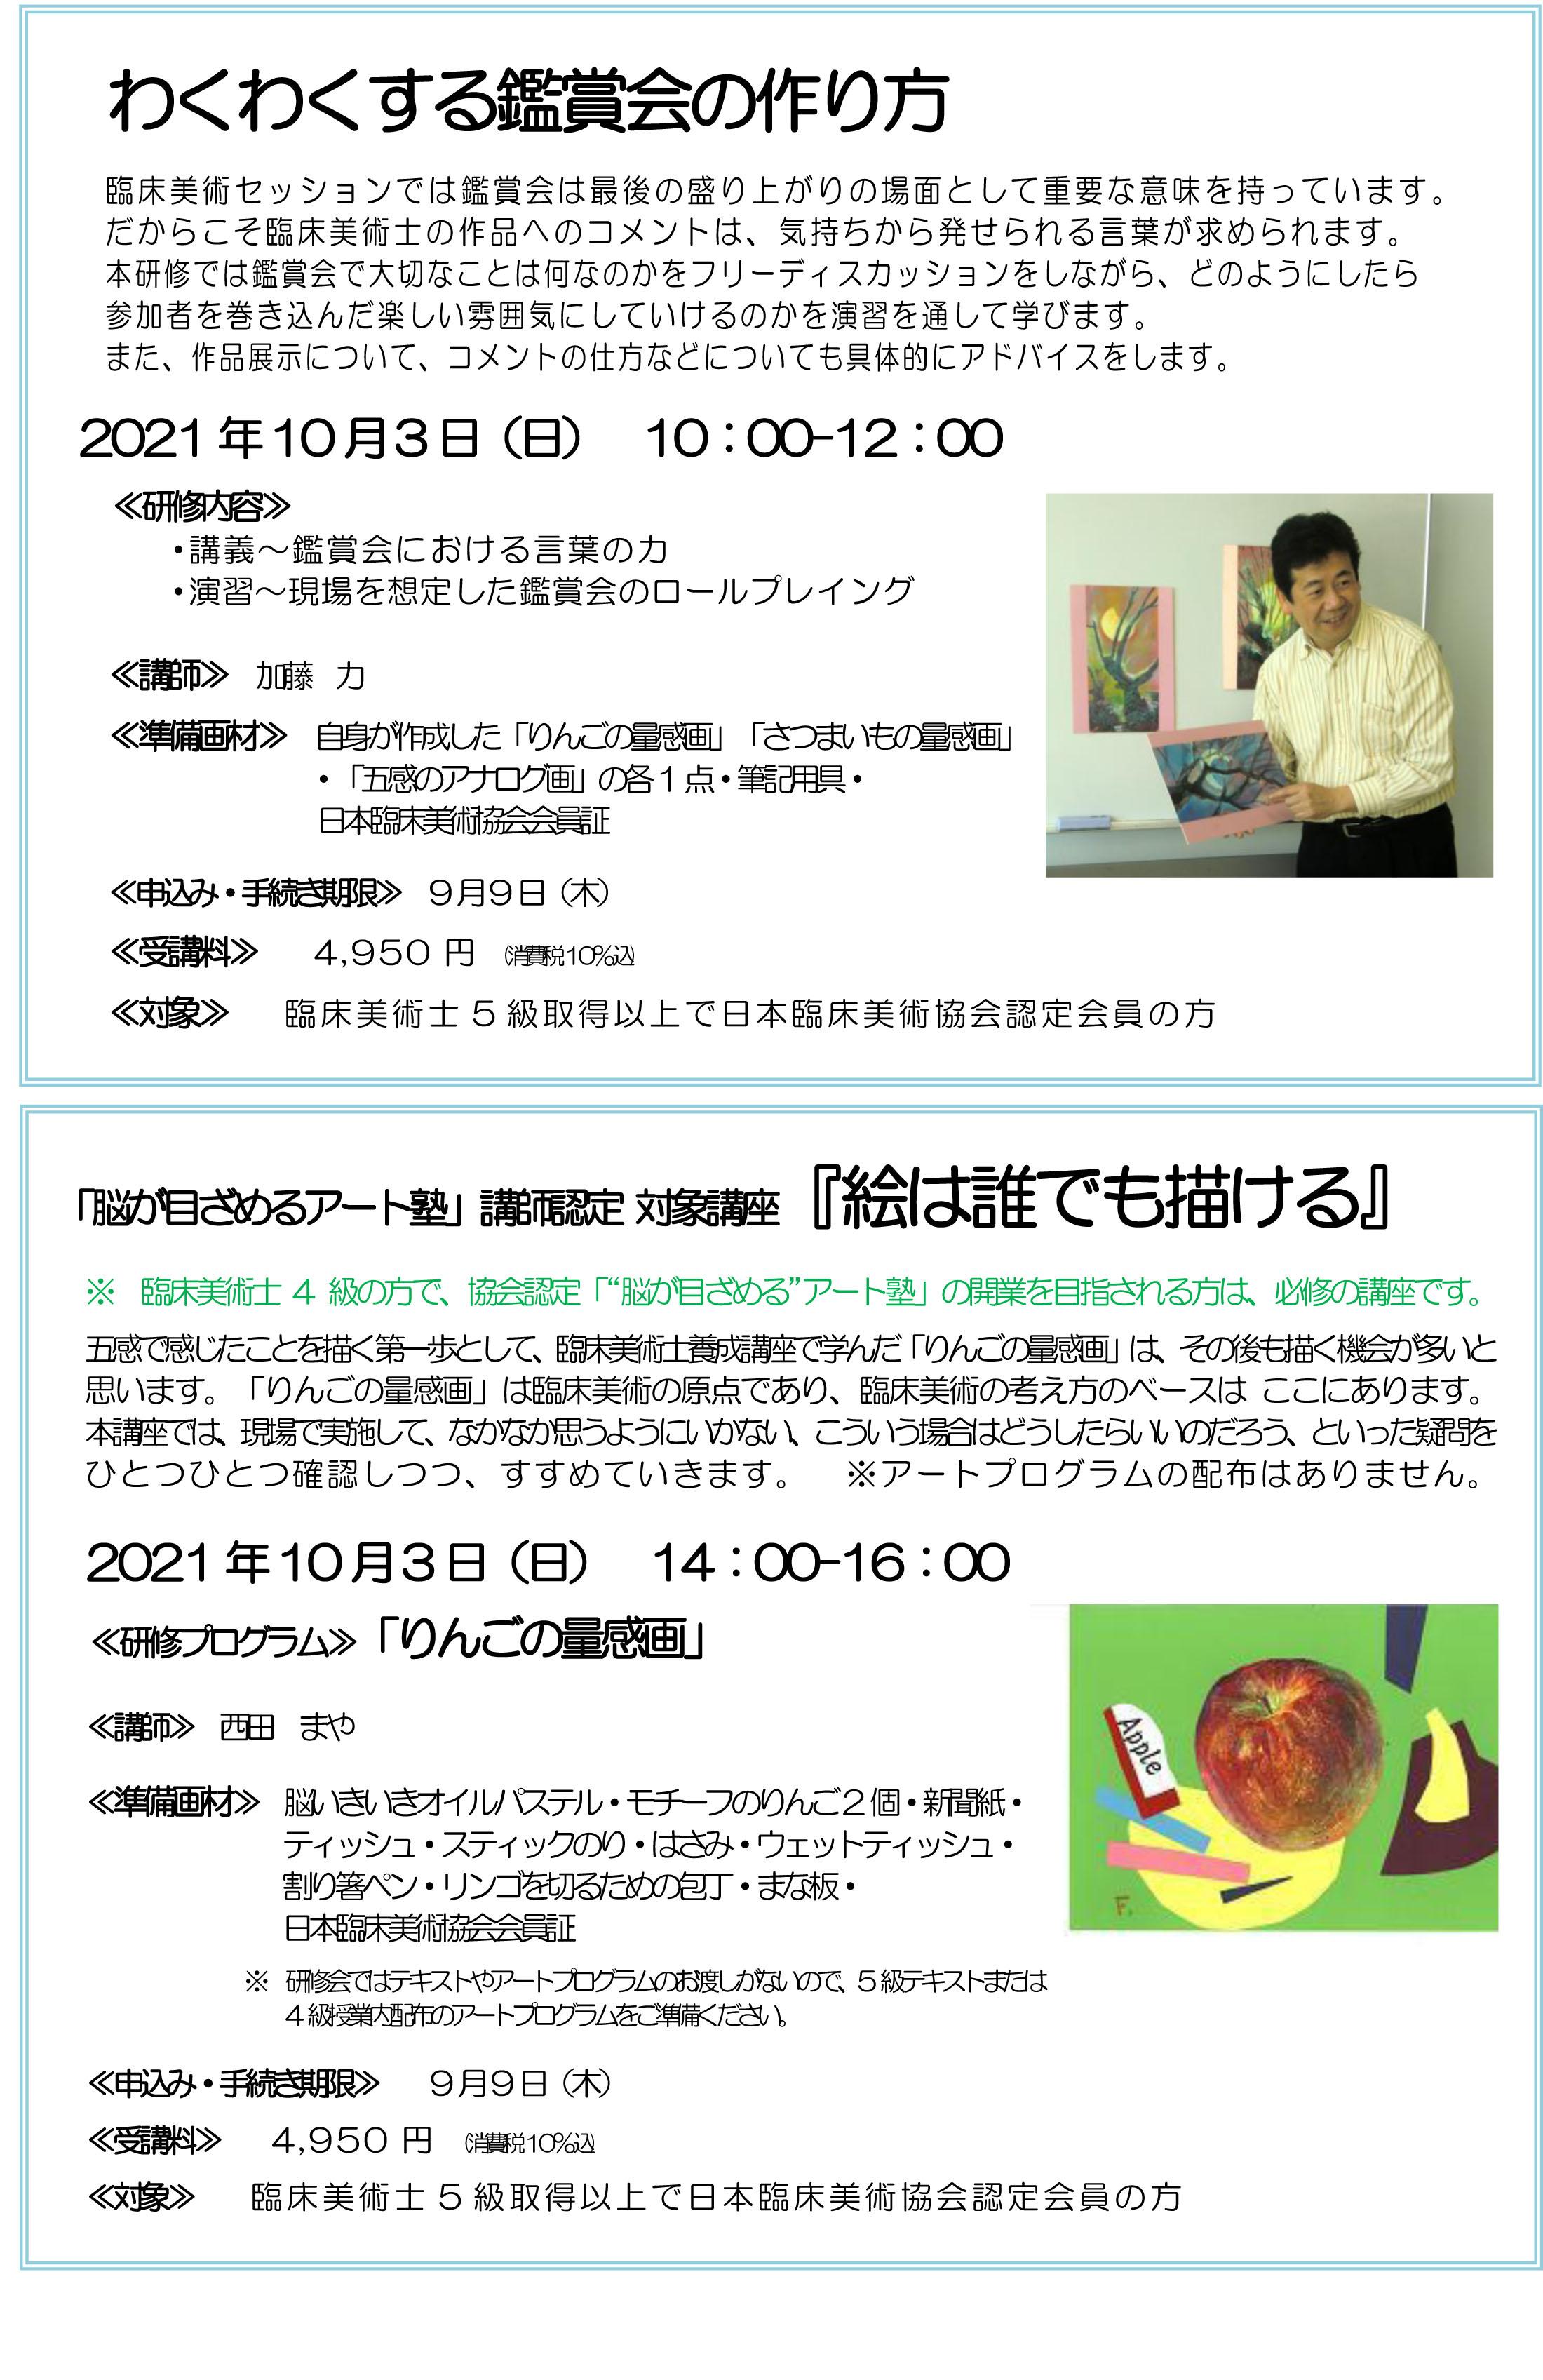 10月オンライン研修会ちらし-2.jpg